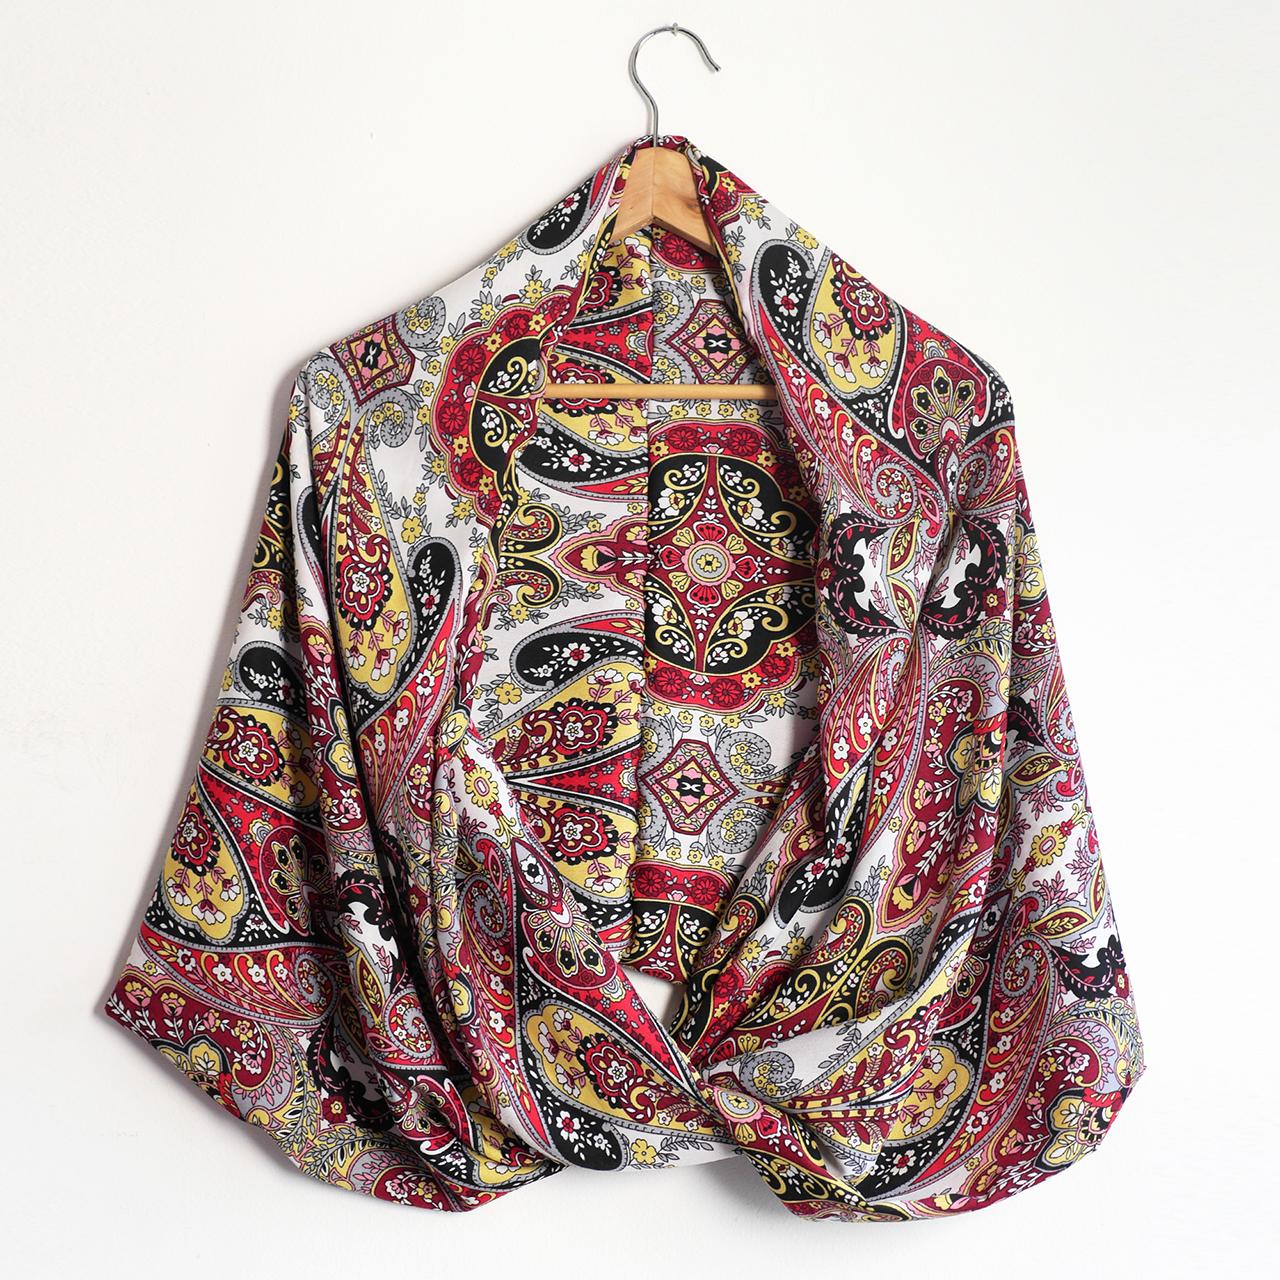 1aec180d6086 Snood foulard femme écharpe mi-saison motifs variés fleurs arabesques  multicolore rouge noir jaune mode